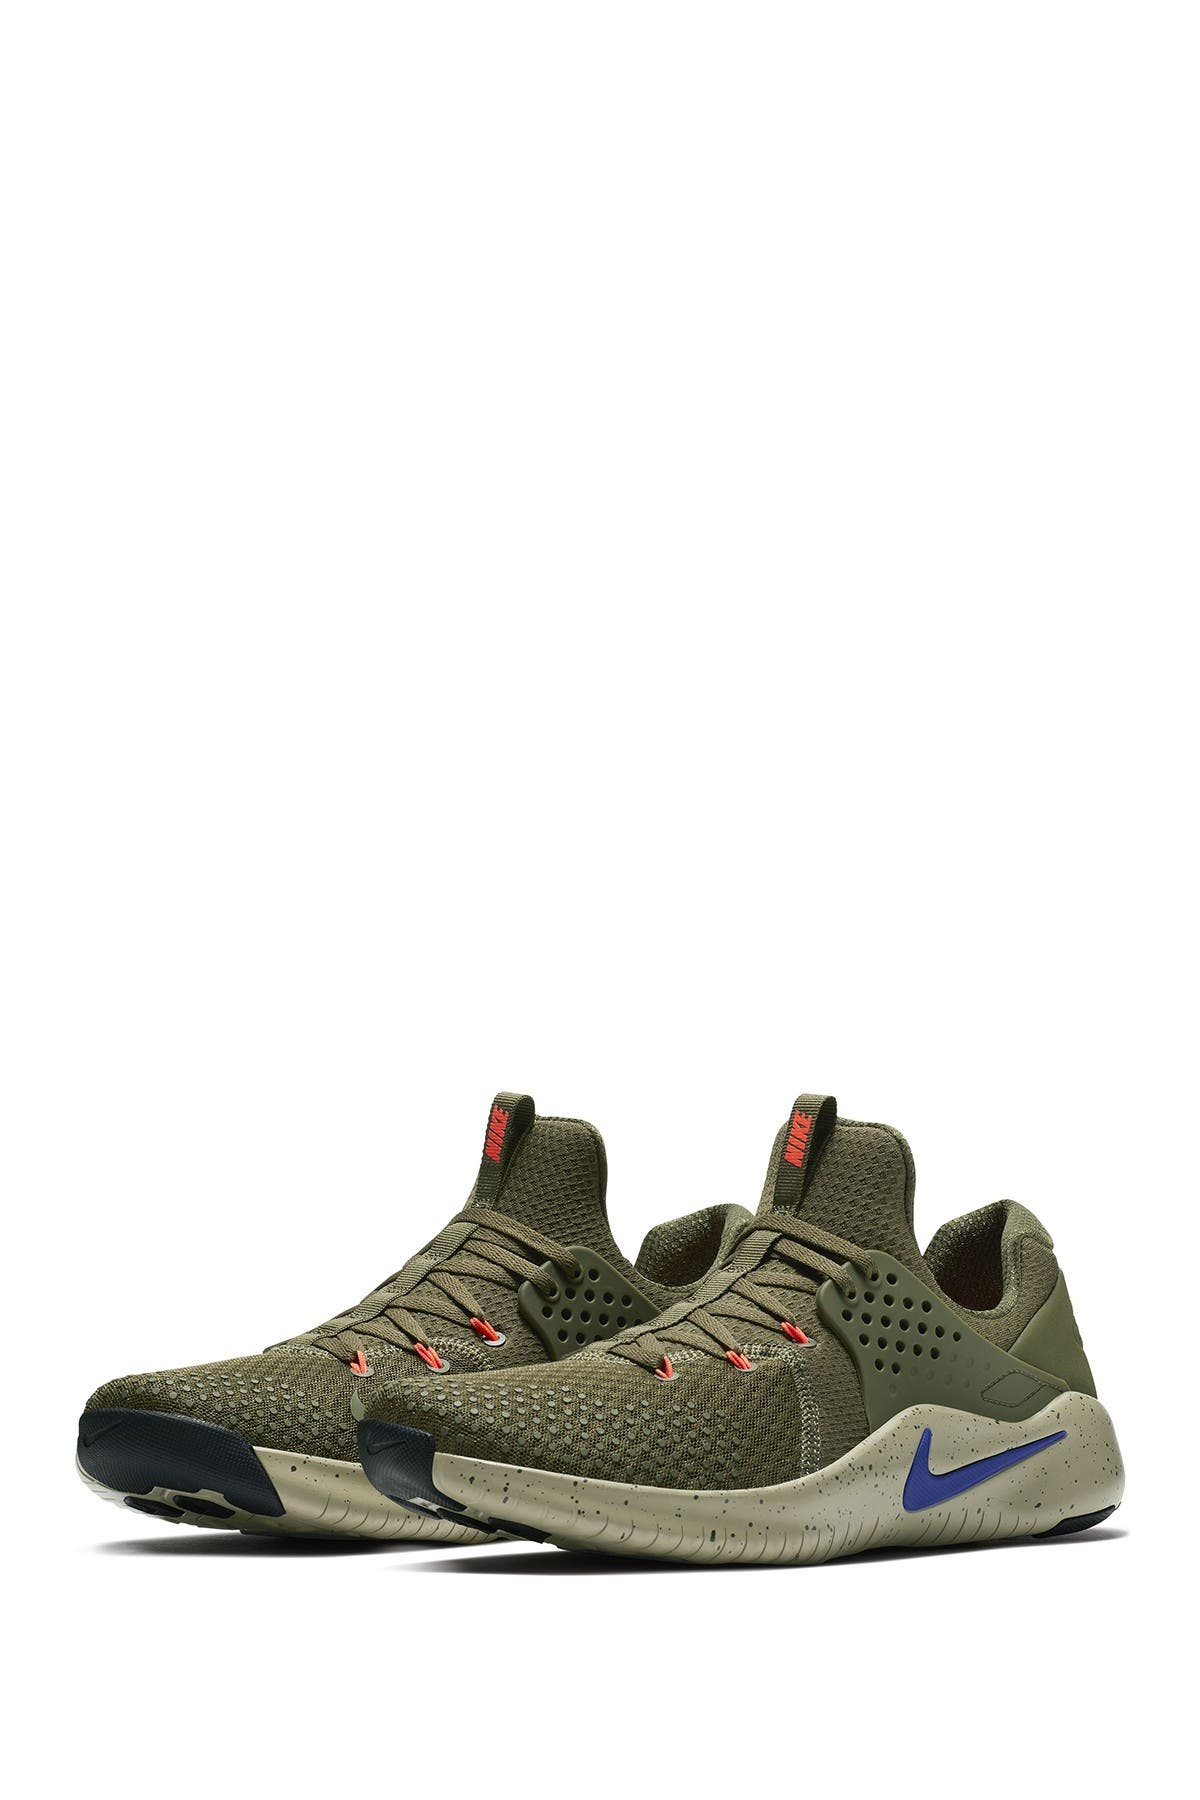 Nike | Free TR V8 Training Shoe